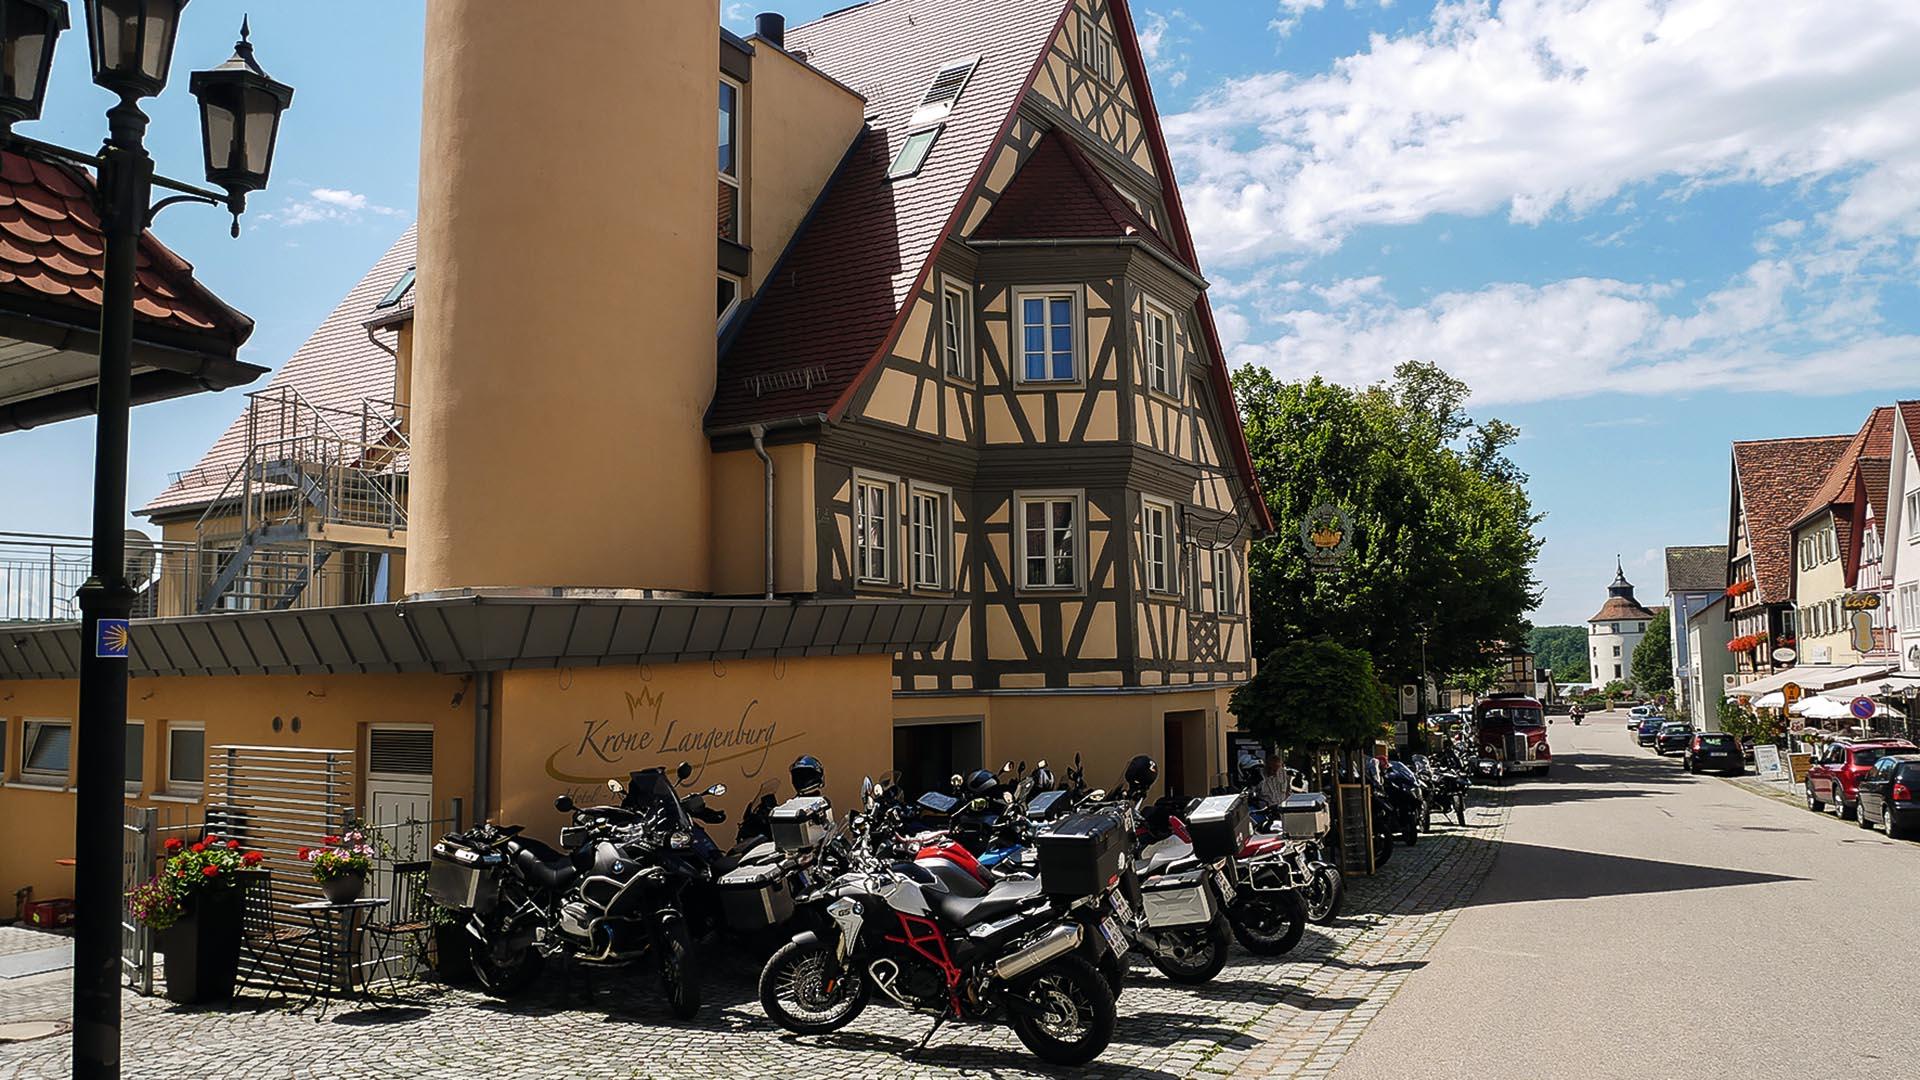 Hotel Restaurant Krone Langenburg